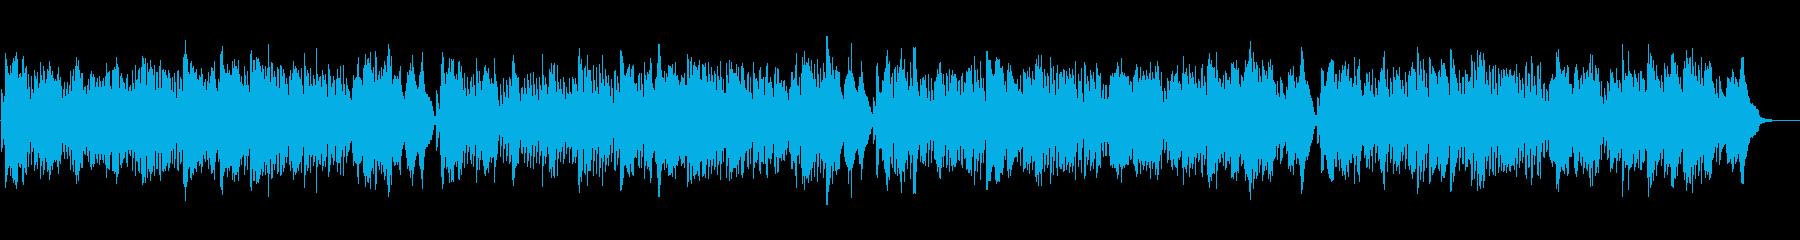 流麗で端正なチェンバロ バロック・高音質の再生済みの波形